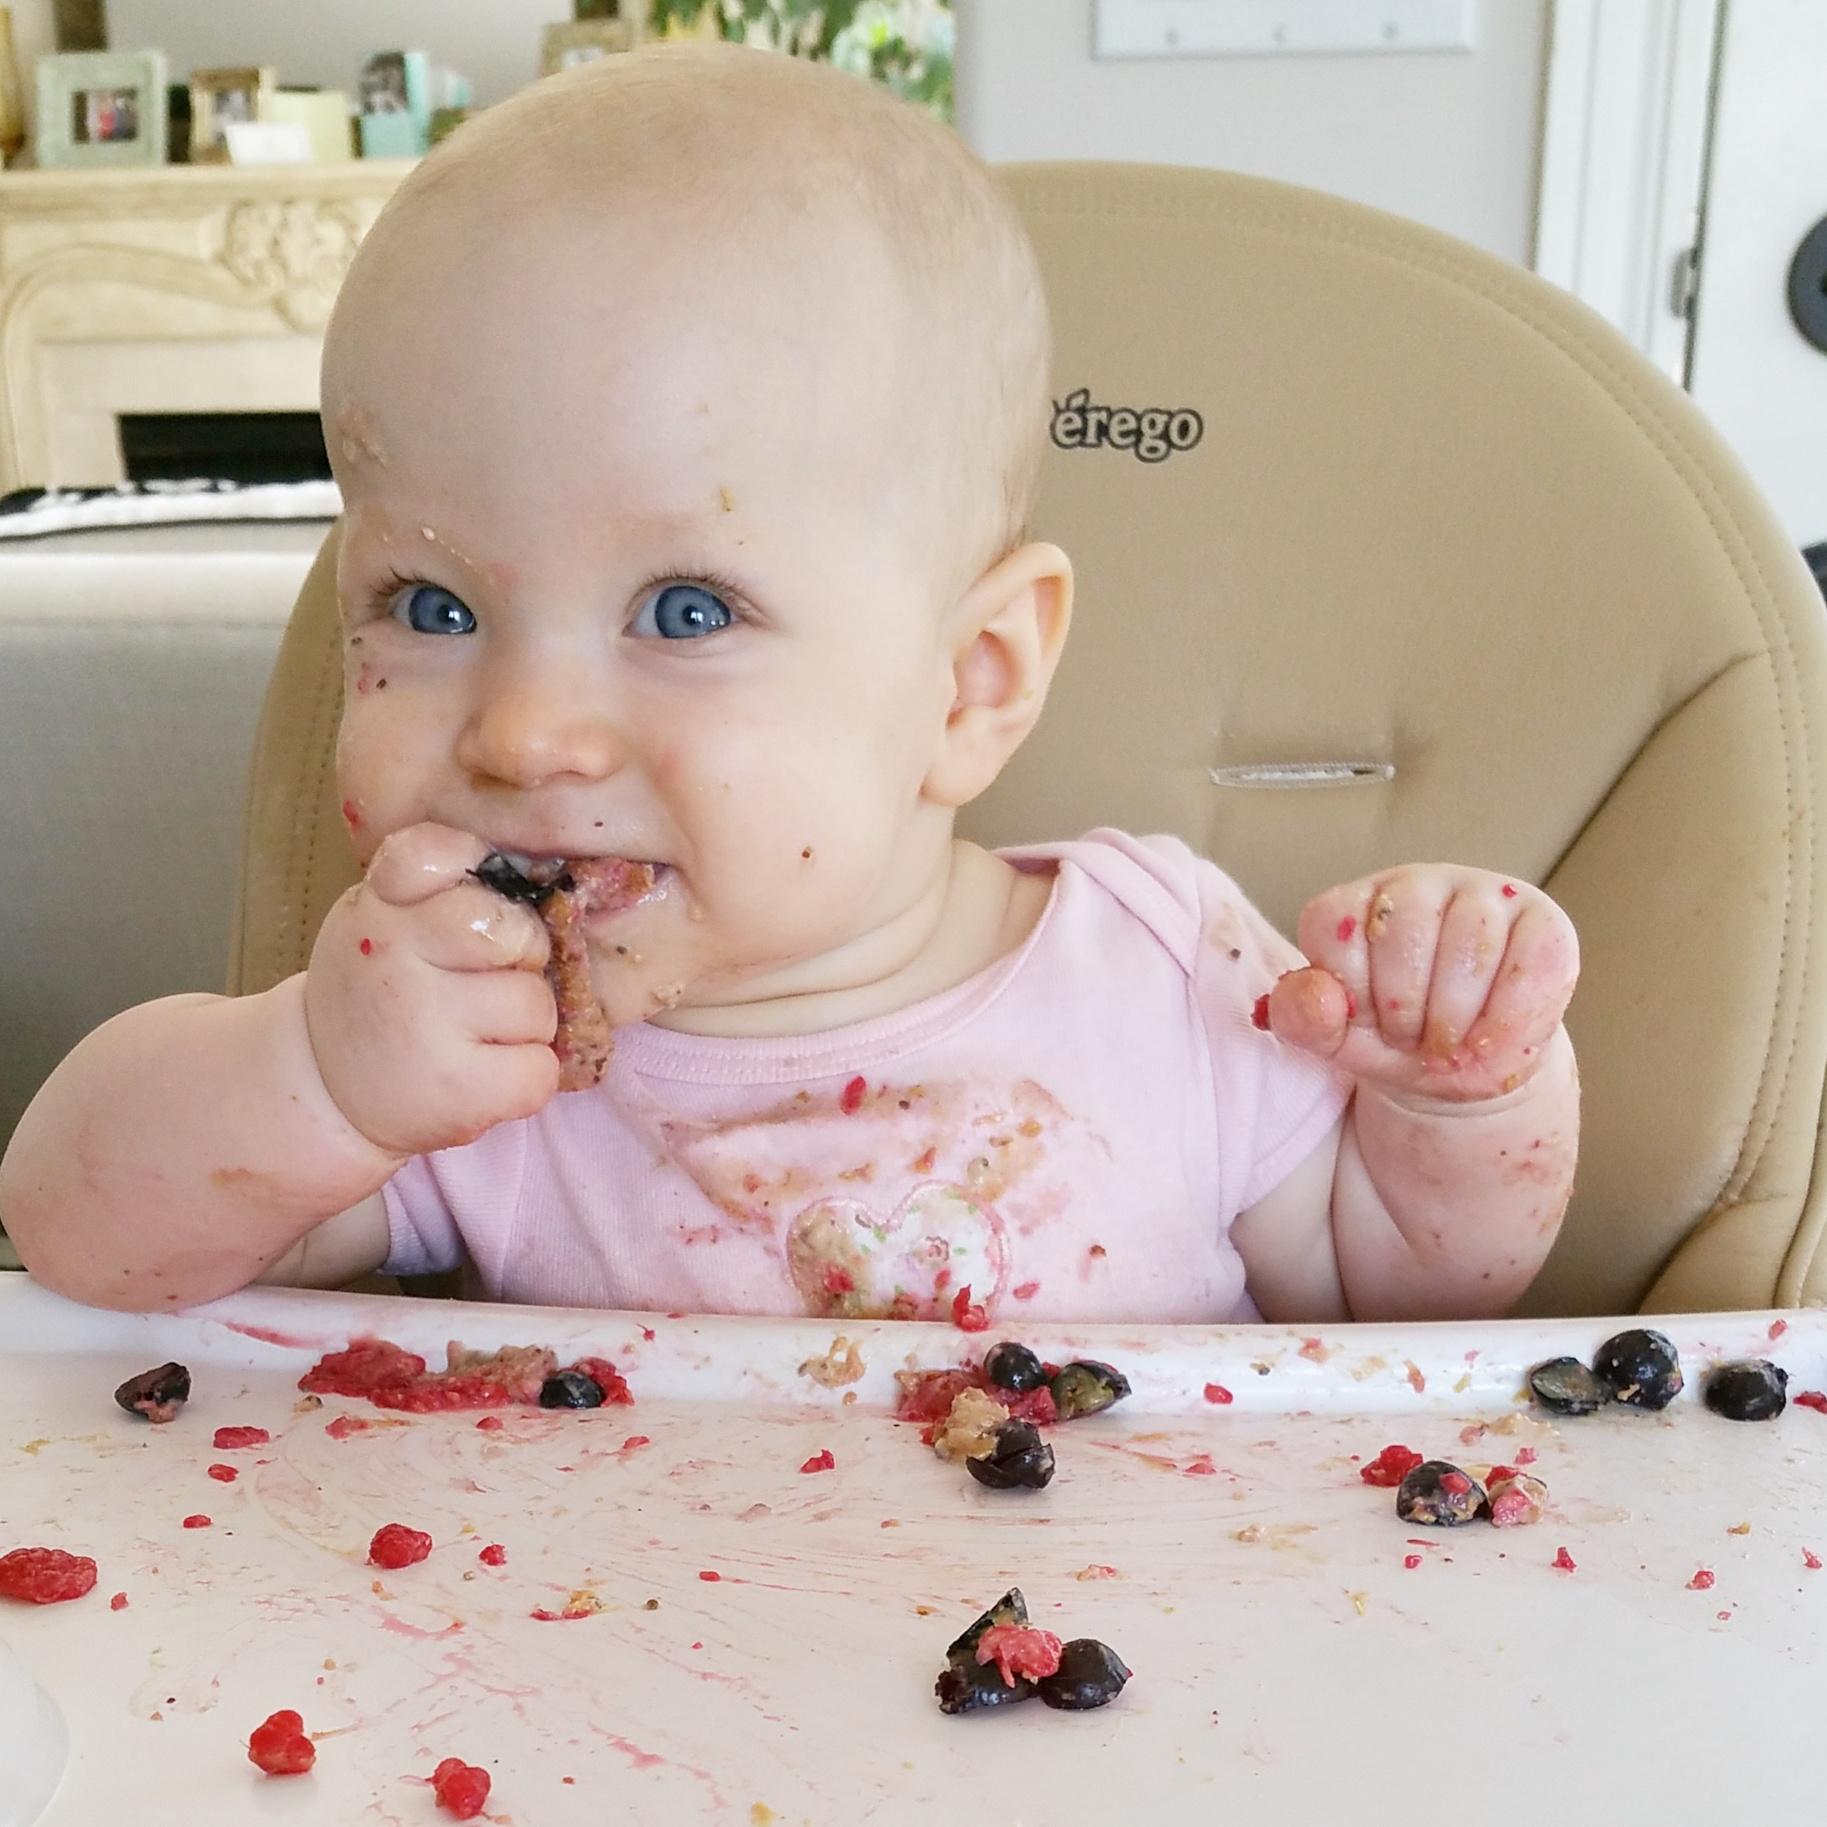 messy baby eating berries